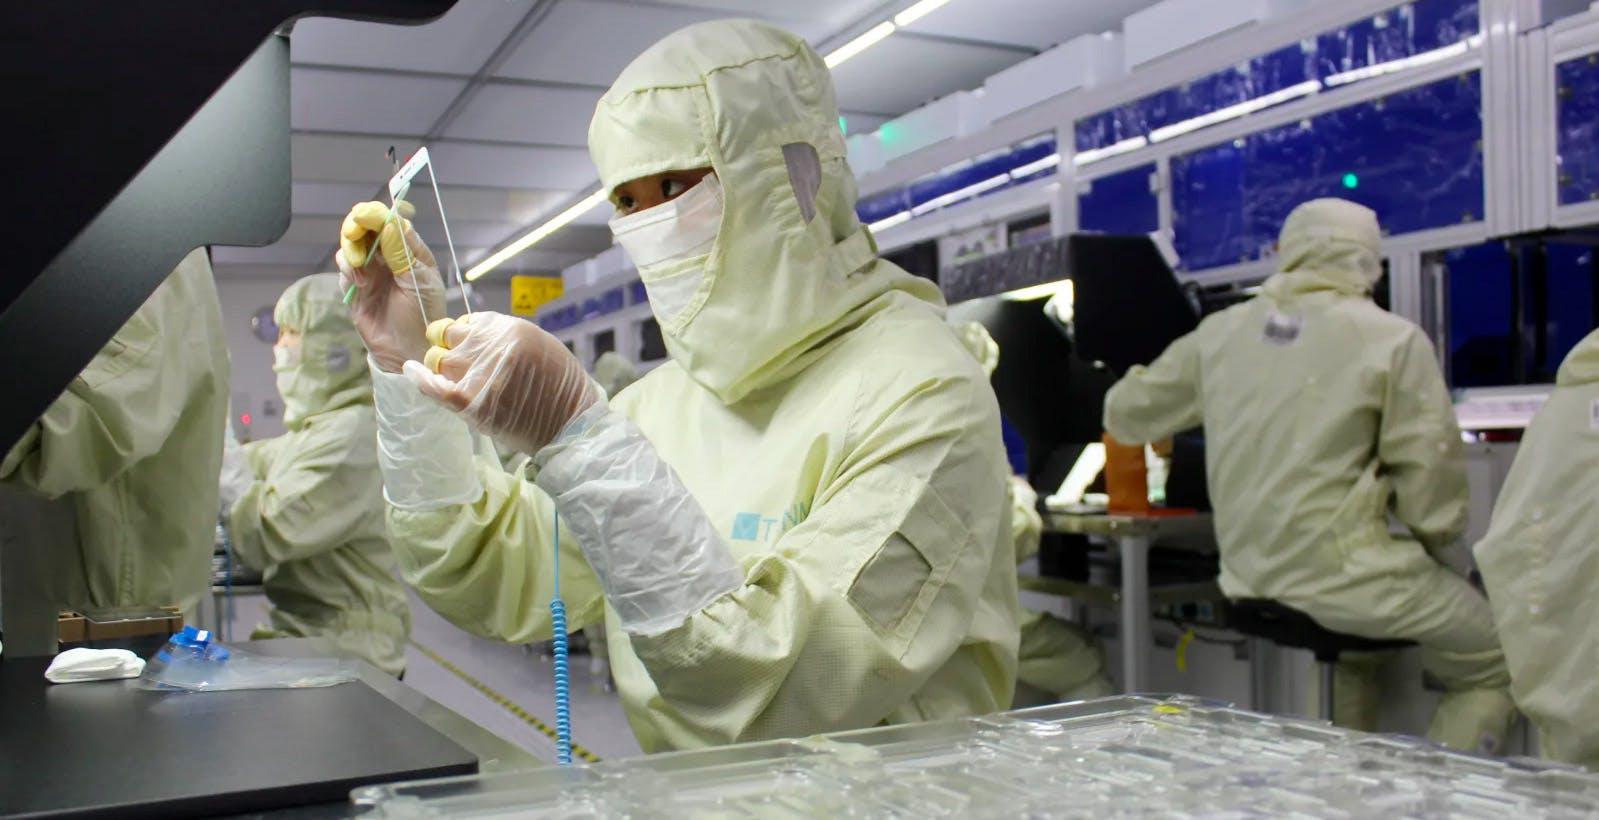 TCL investe in JOLED: 20 miliardi di yen per sfornare pannelli OLED migliori di quelli LG